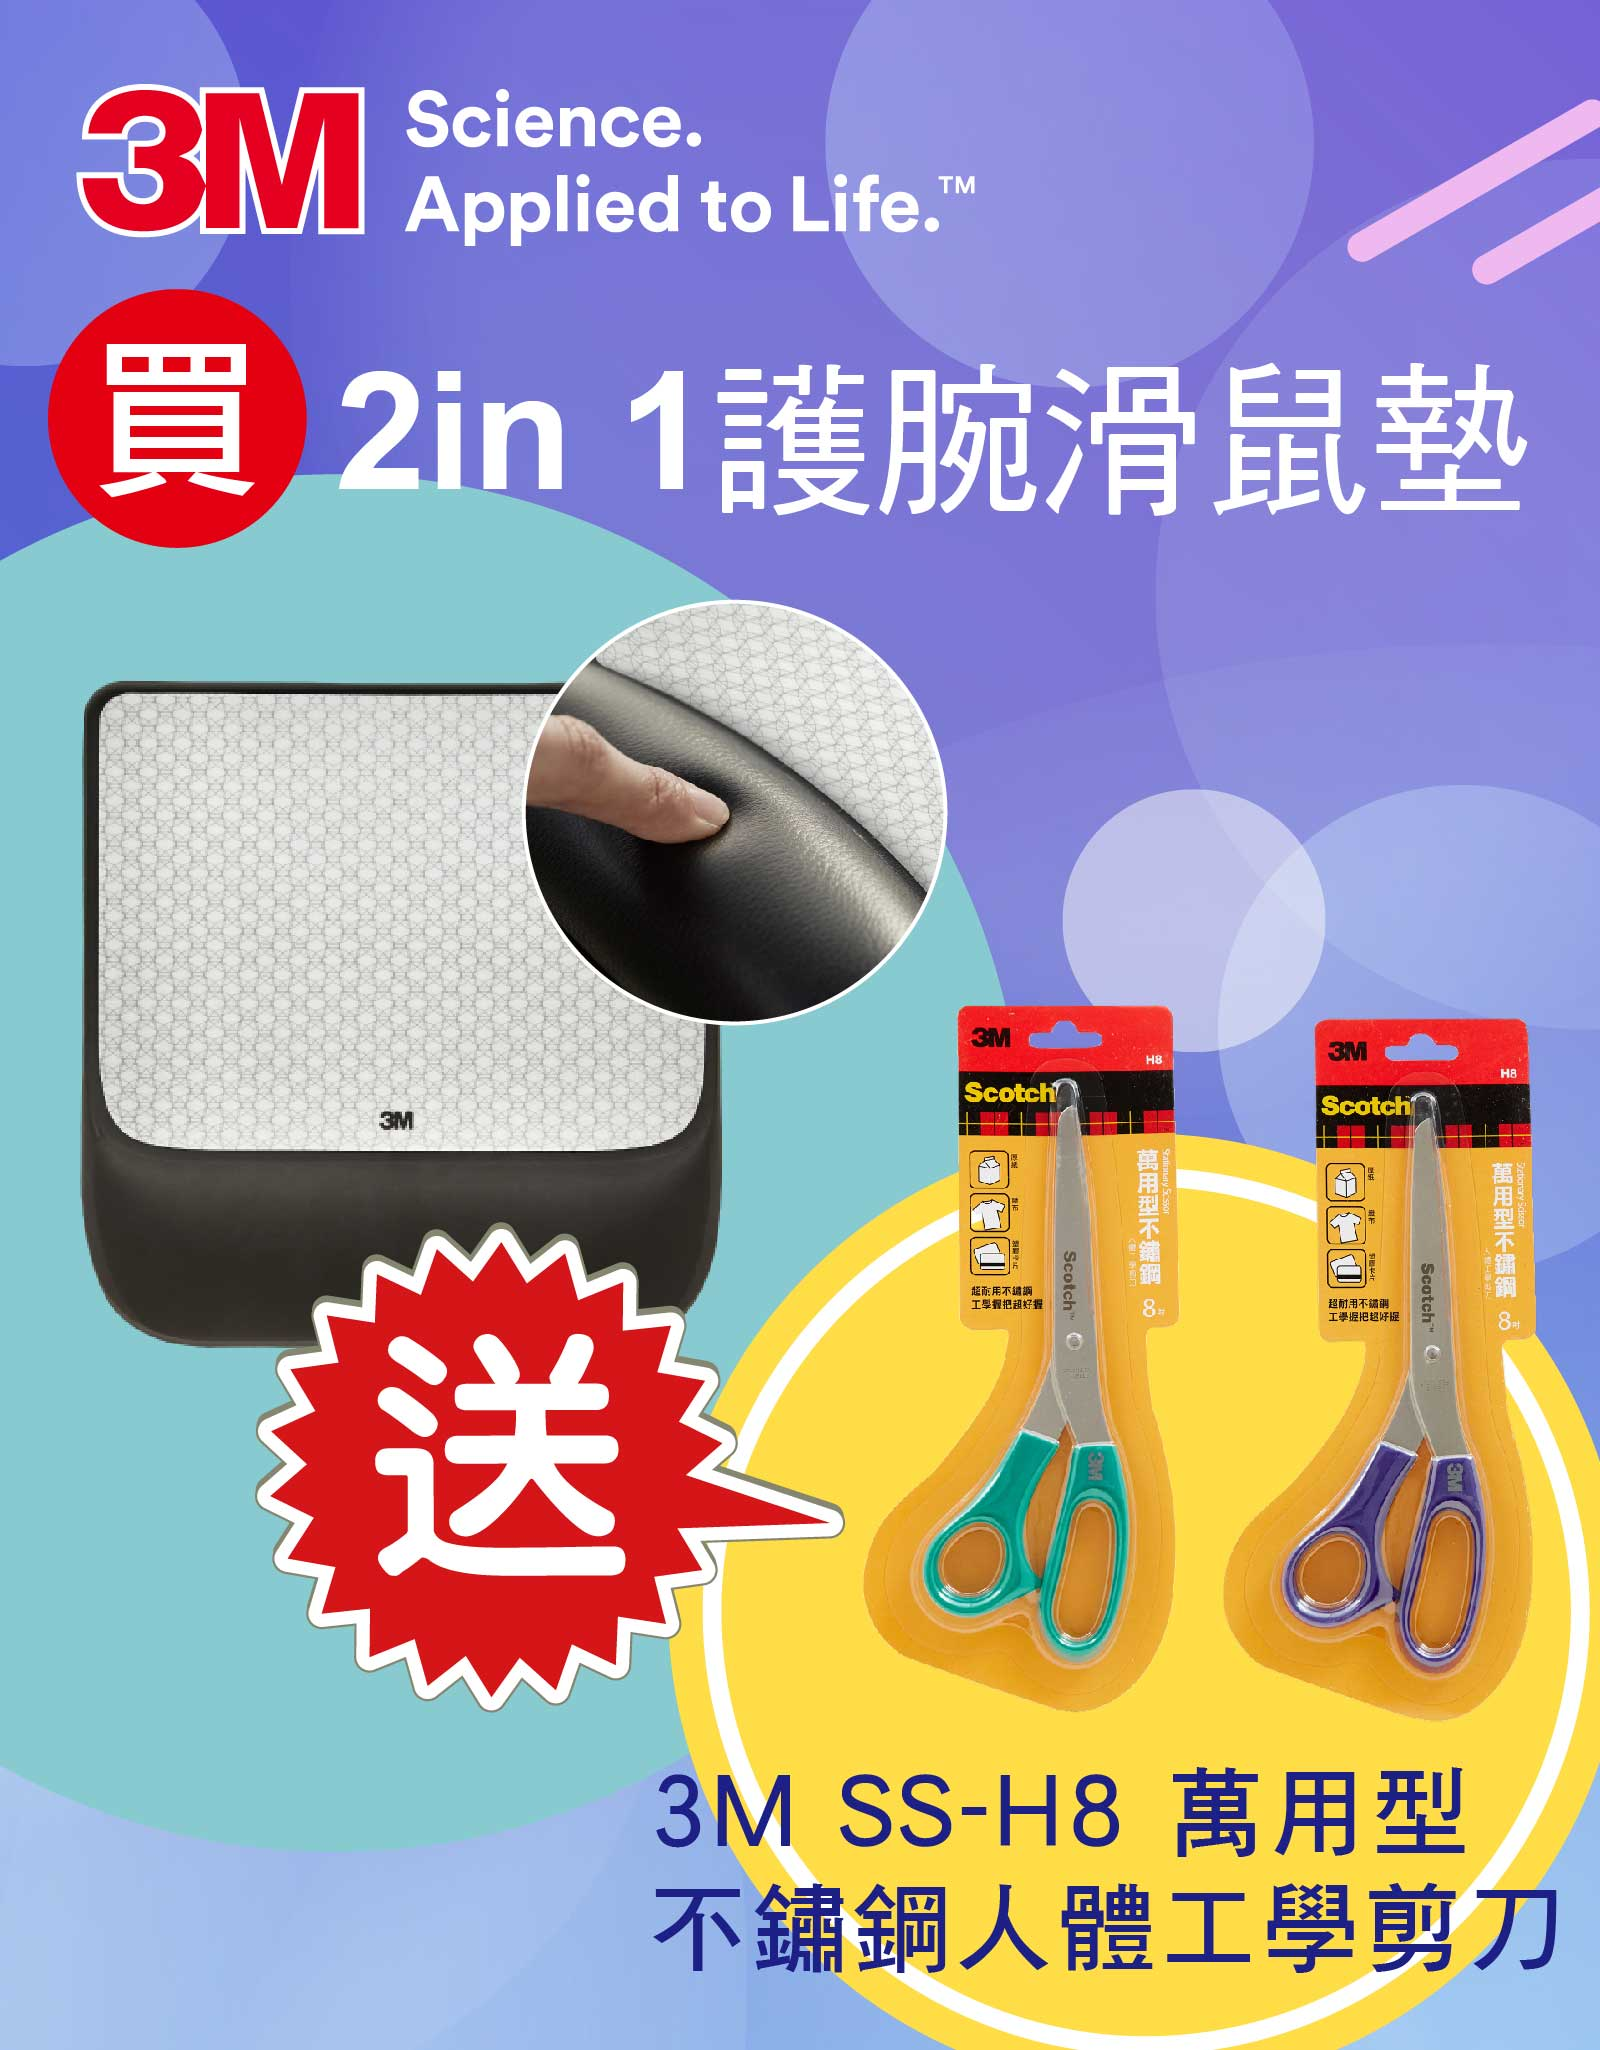 買3M護腕滑鼠墊送3M SS-H8不鏽鋼人體工學剪刀